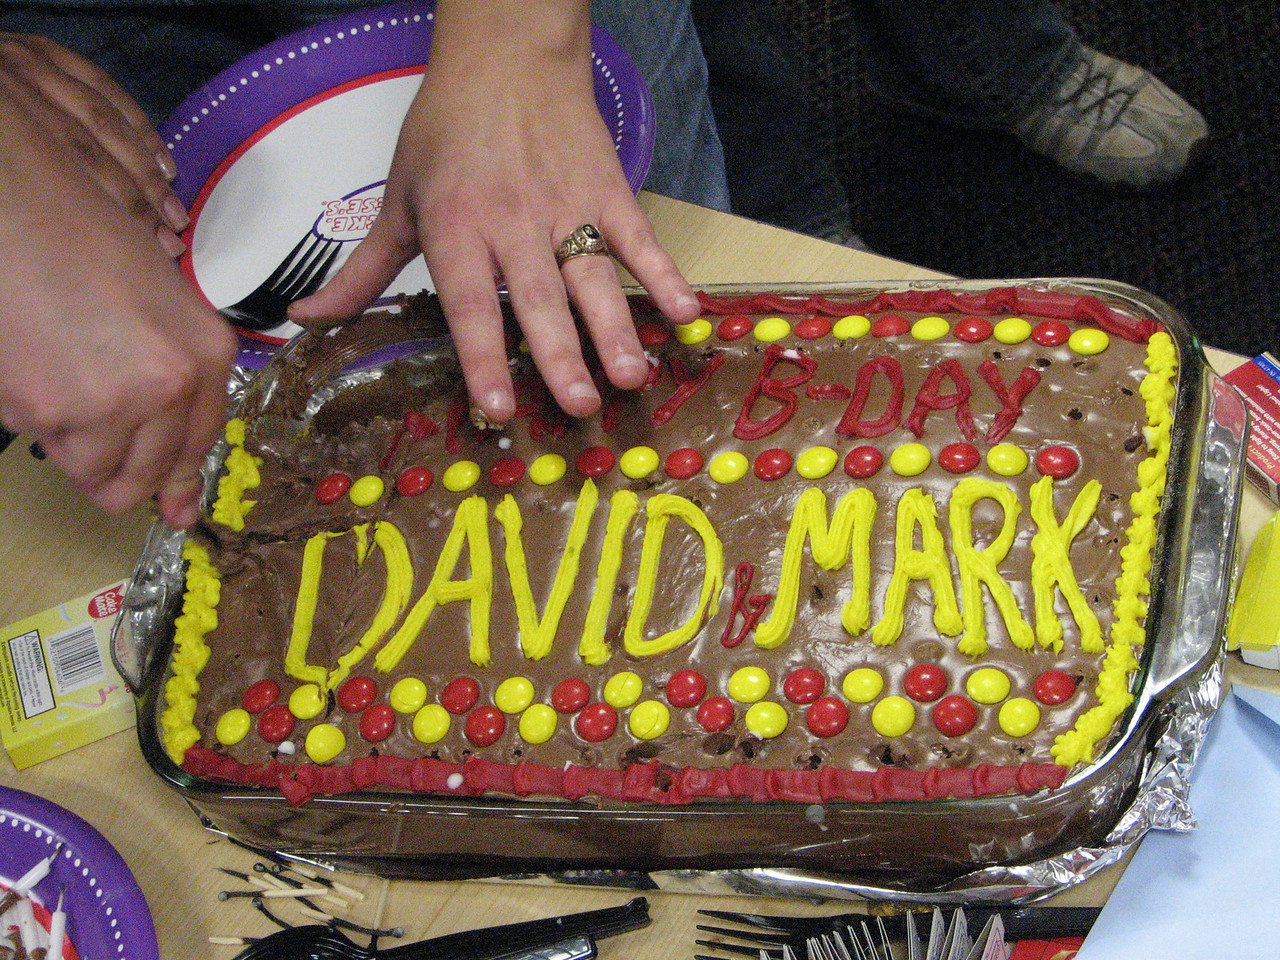 2008 04 02 Wed - David Kinnen & Mark Johnson's b-days @ Chuck E  Cheese's - the cake